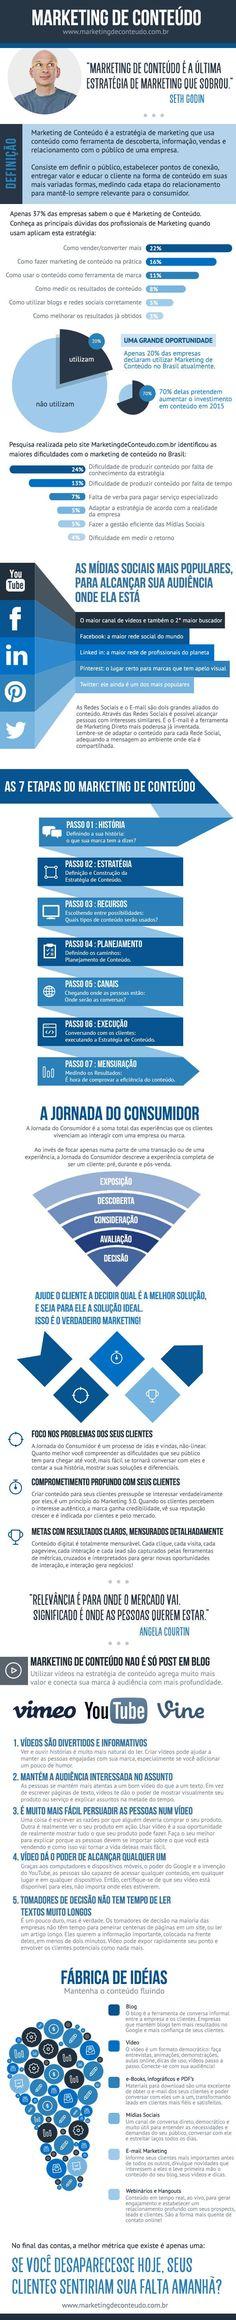 cool Infográfico As 7 etapas do Marketing de Conteúdo